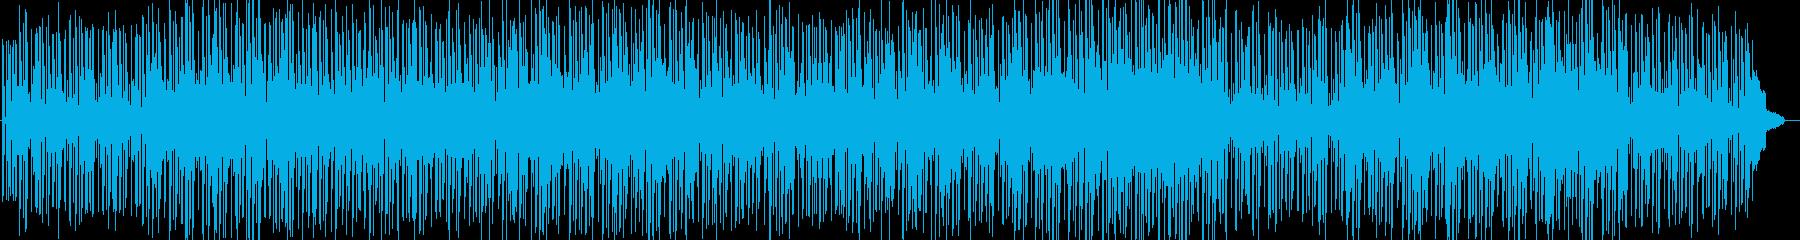 夏の海岸ドライブ 洋楽メロウHIPHOPの再生済みの波形